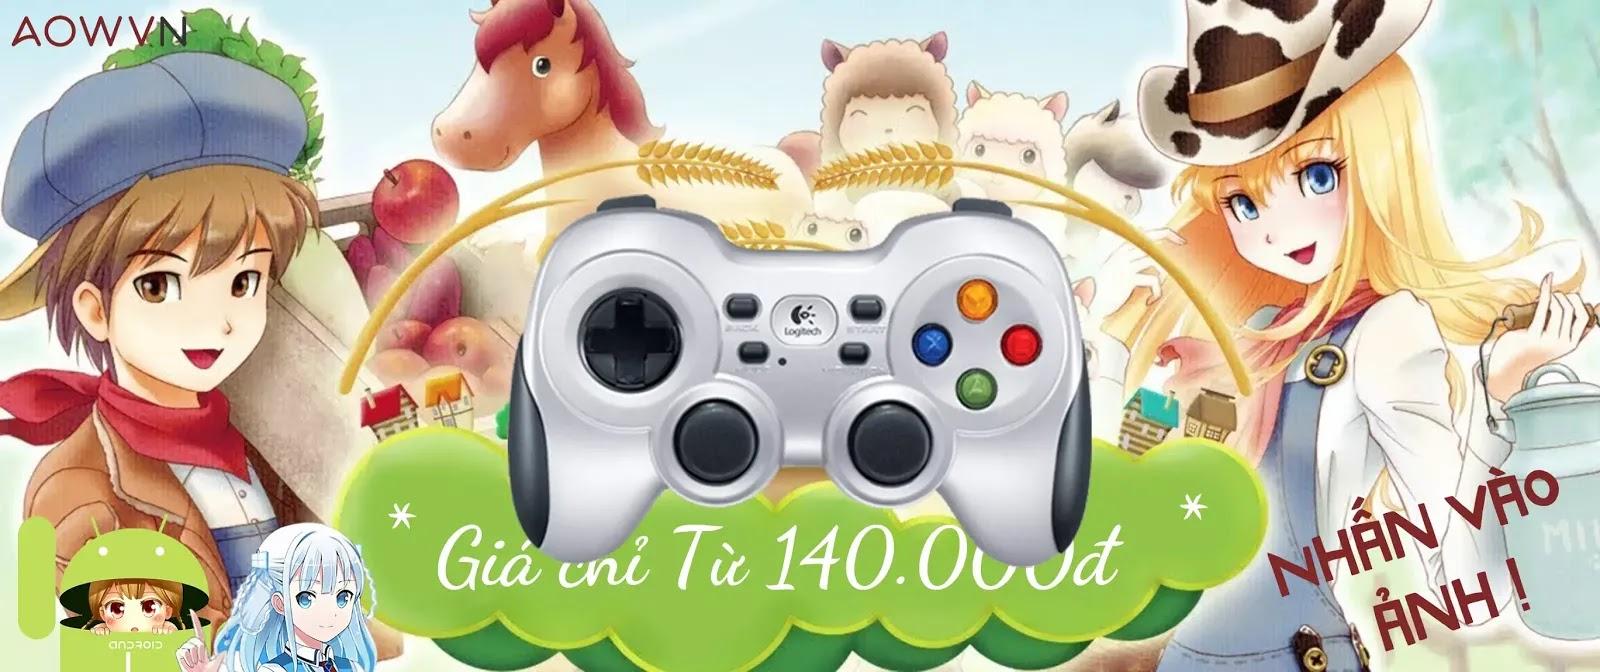 AowVN Gamepad - [ HOT ] Harvest Moon Hero of Leaf Valley Việt Hoá 100% | Android & PC PSP - Siêu phẩm nông trại RPG huyền thoại